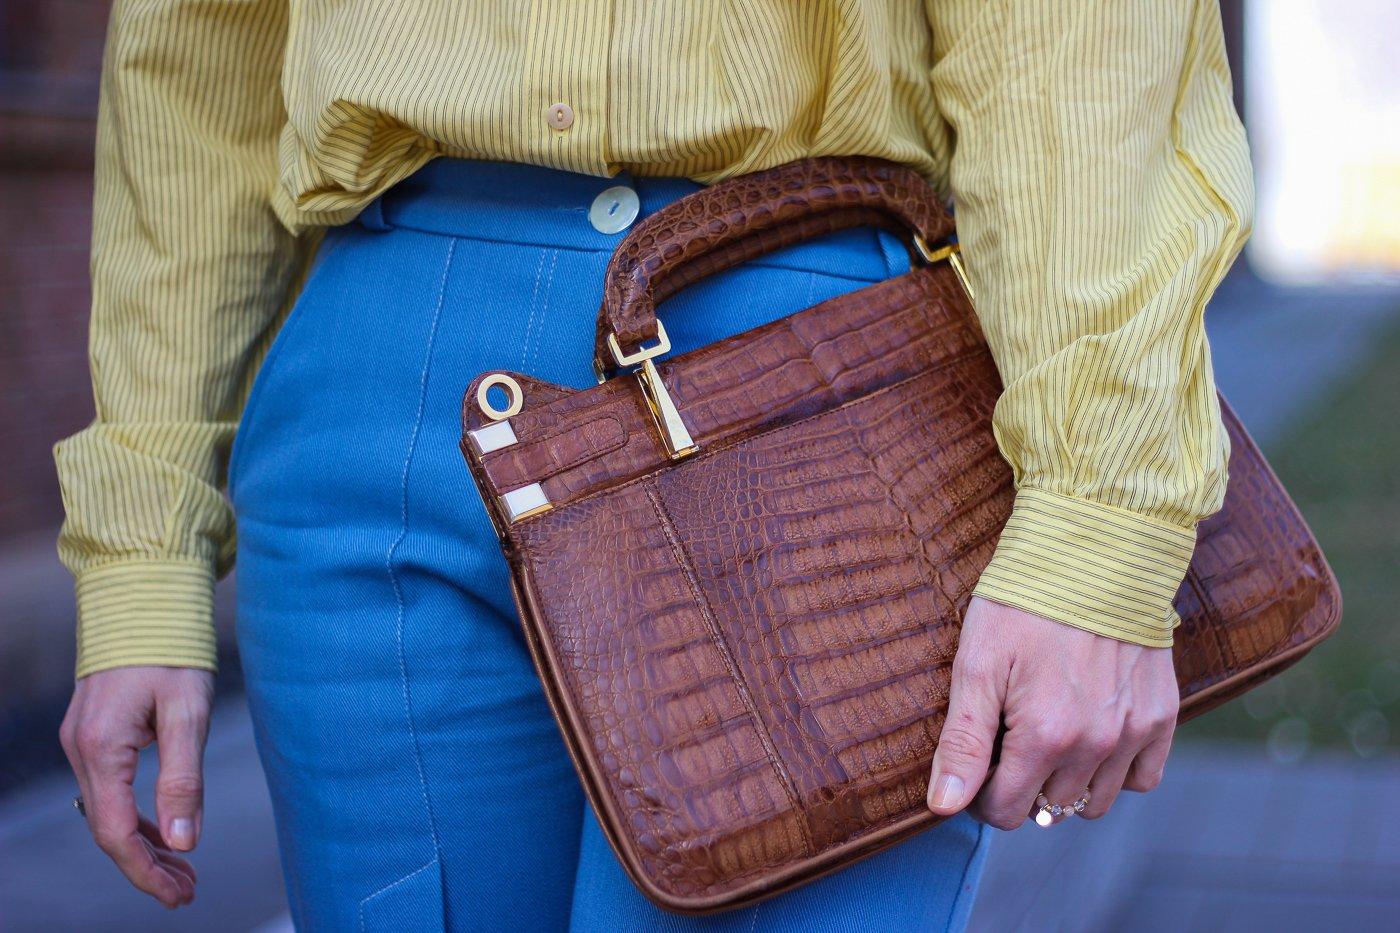 conny doll lifestyle: gelbes Hemd, braune Tasche, blaue Hose, Details